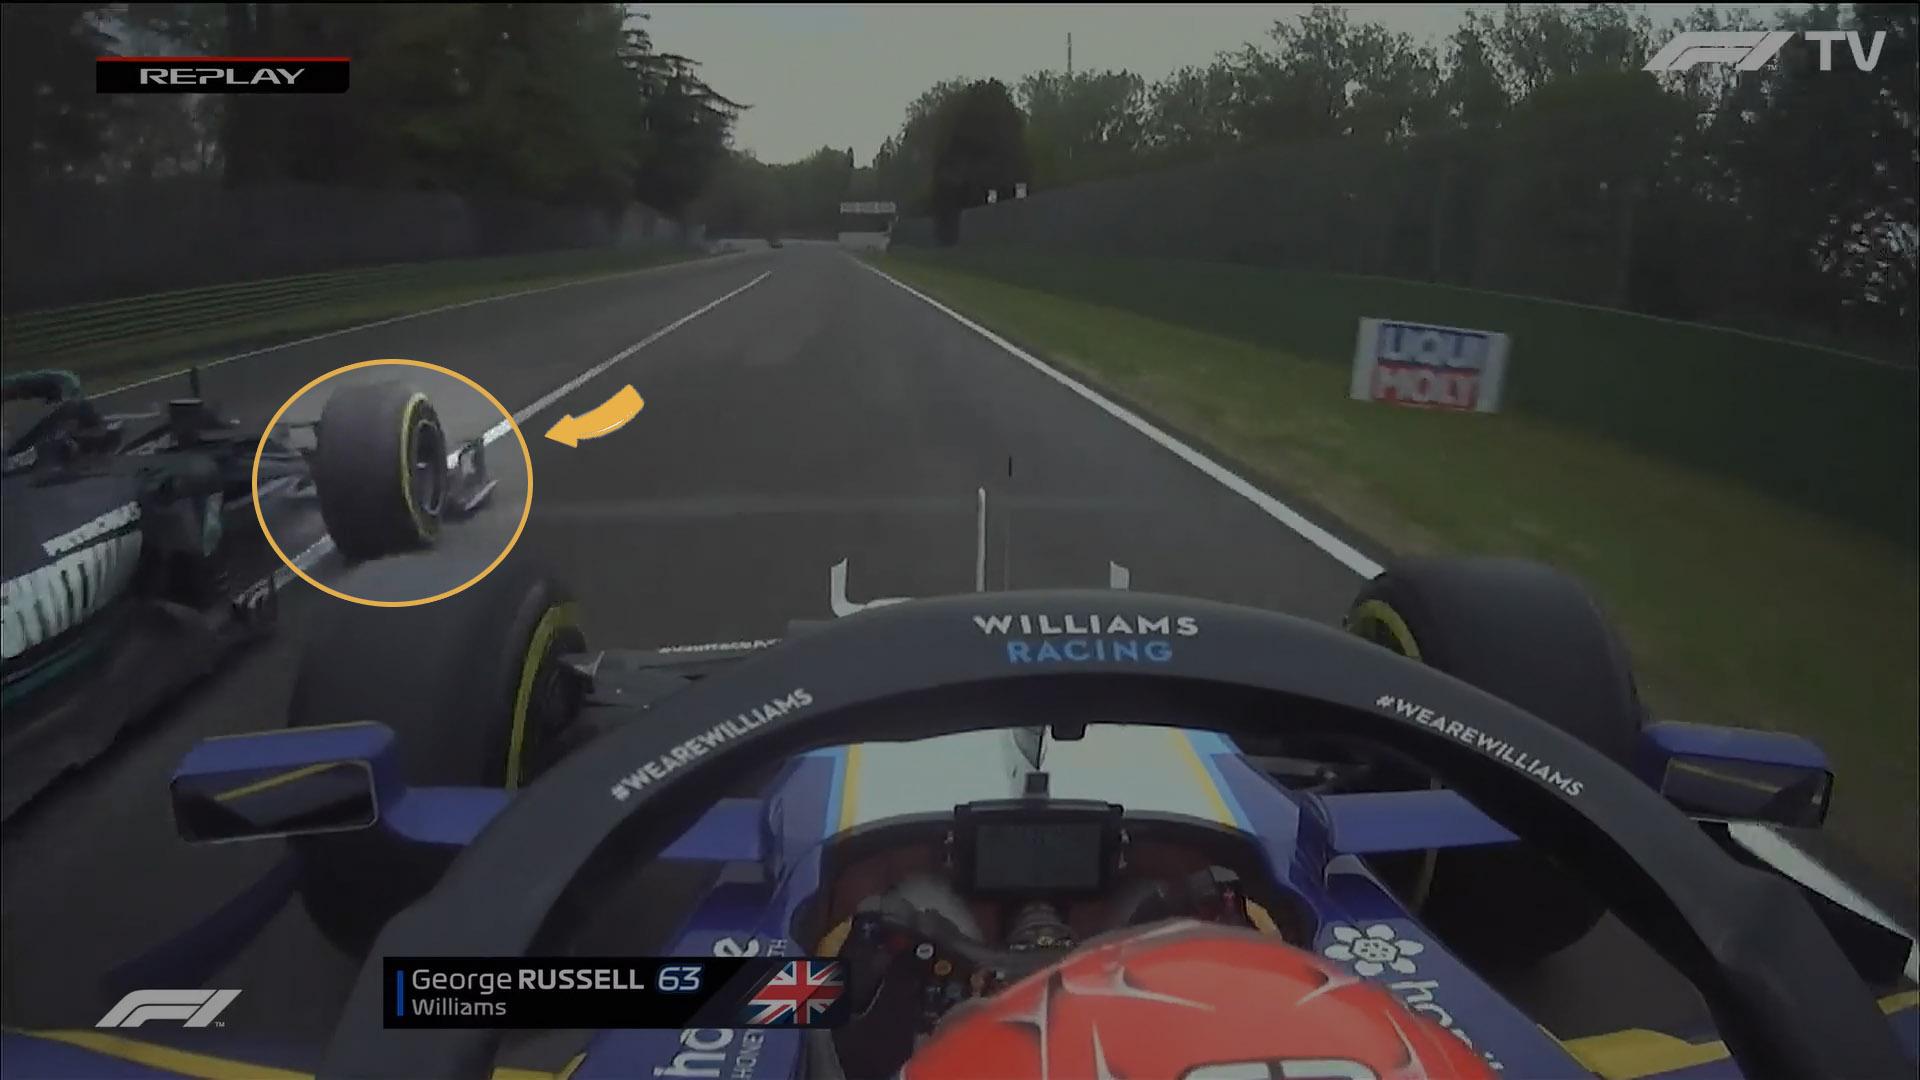 Depois que Russell já está ao lado da Mercedes, Bottas leva seu carro um pouco mais à direita, como é possível perceber pela maneira como ele ultrapassa a linha de pitlane